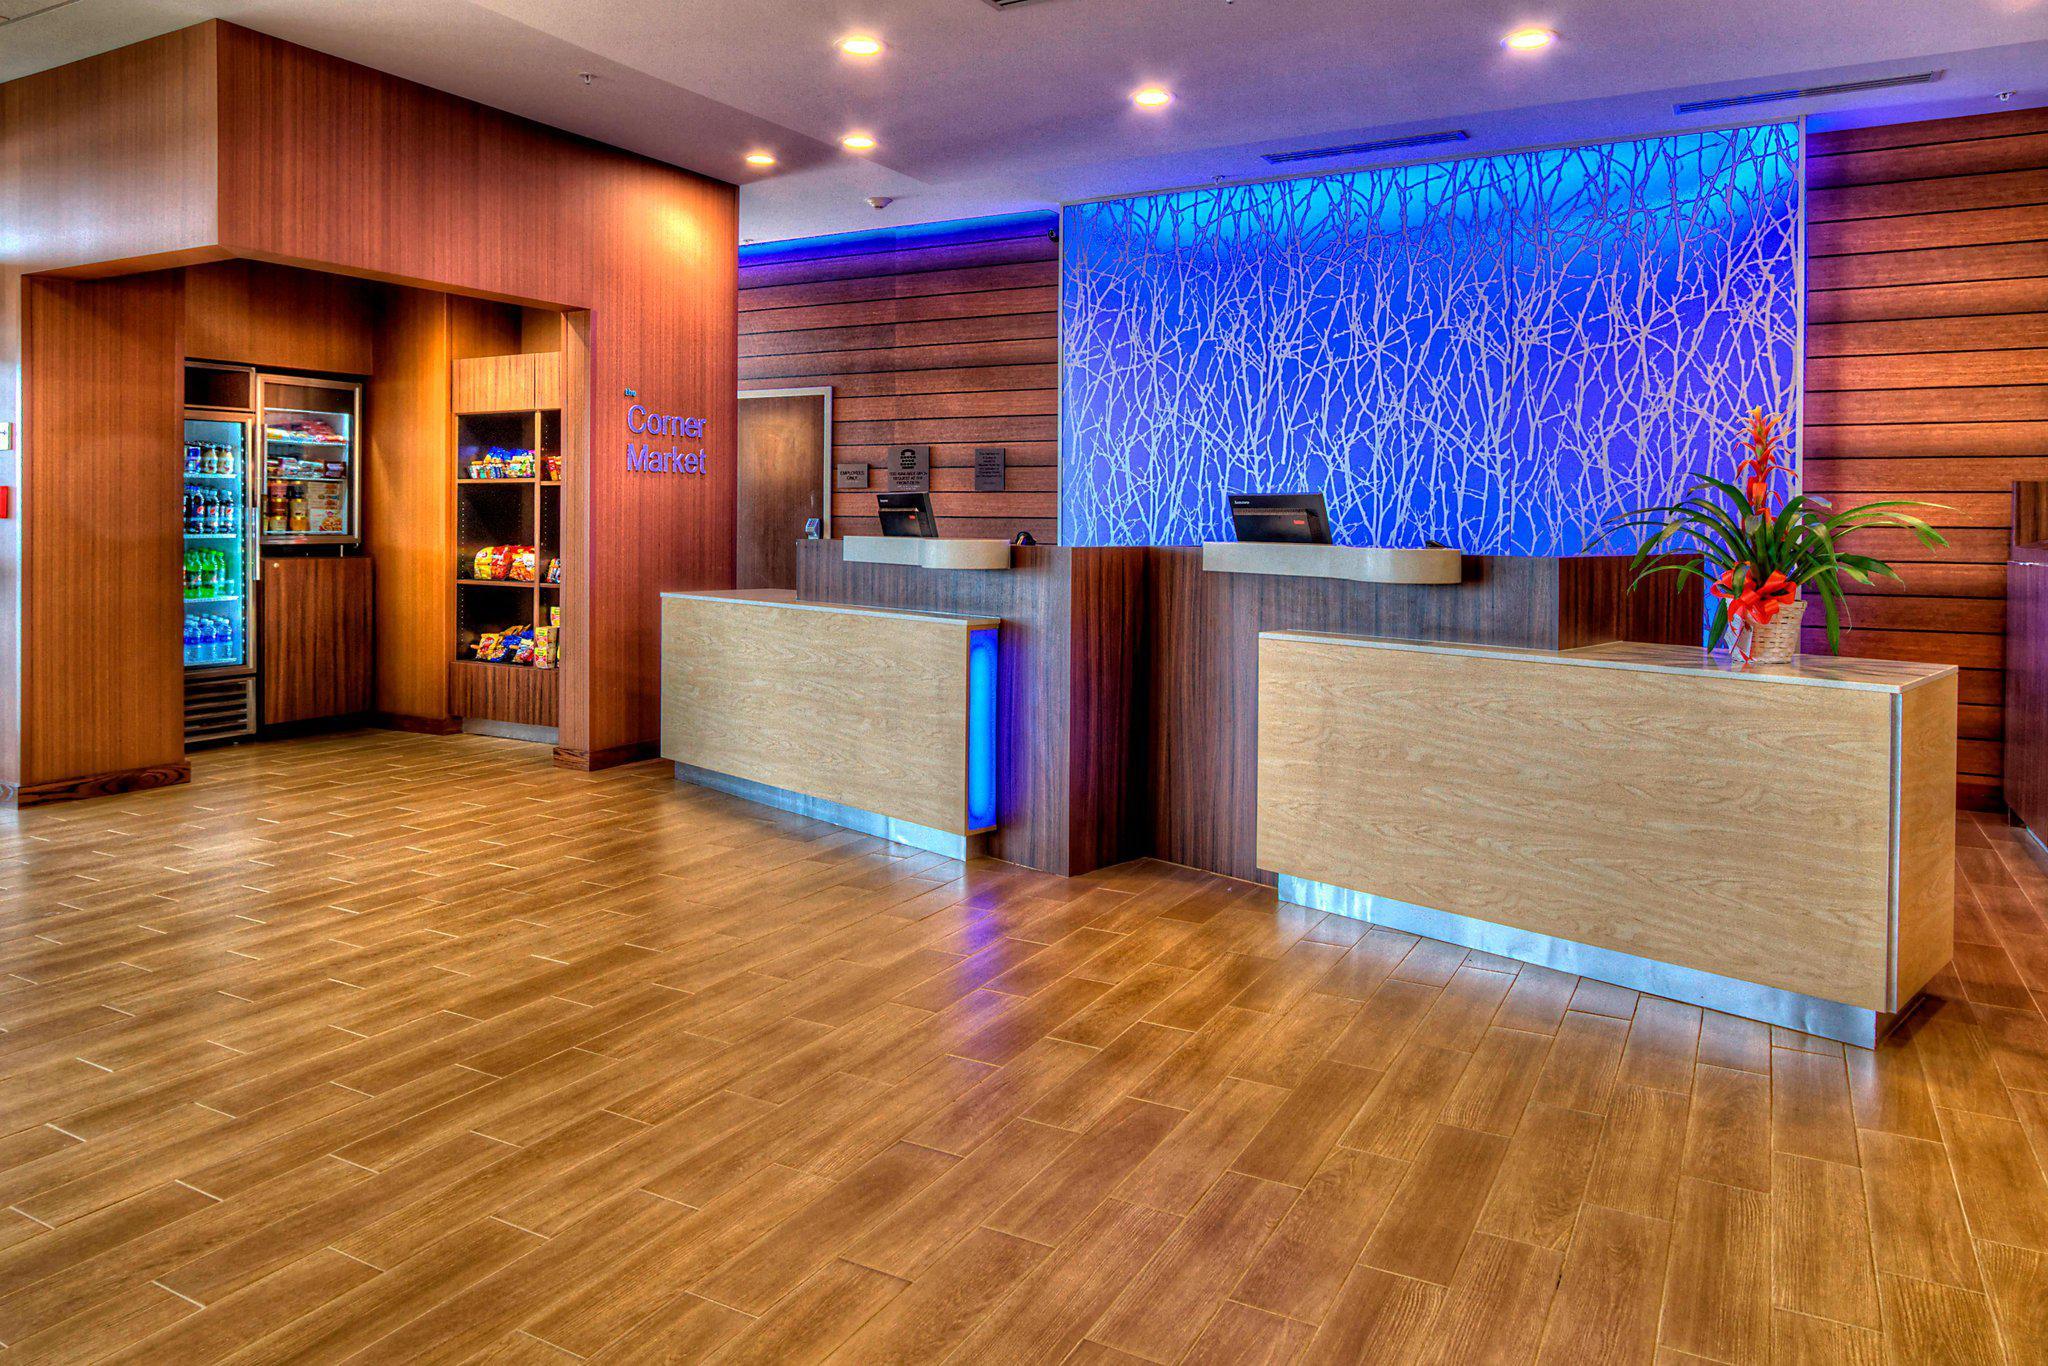 Fairfield Inn & Suites by Marriott Oklahoma City Yukon